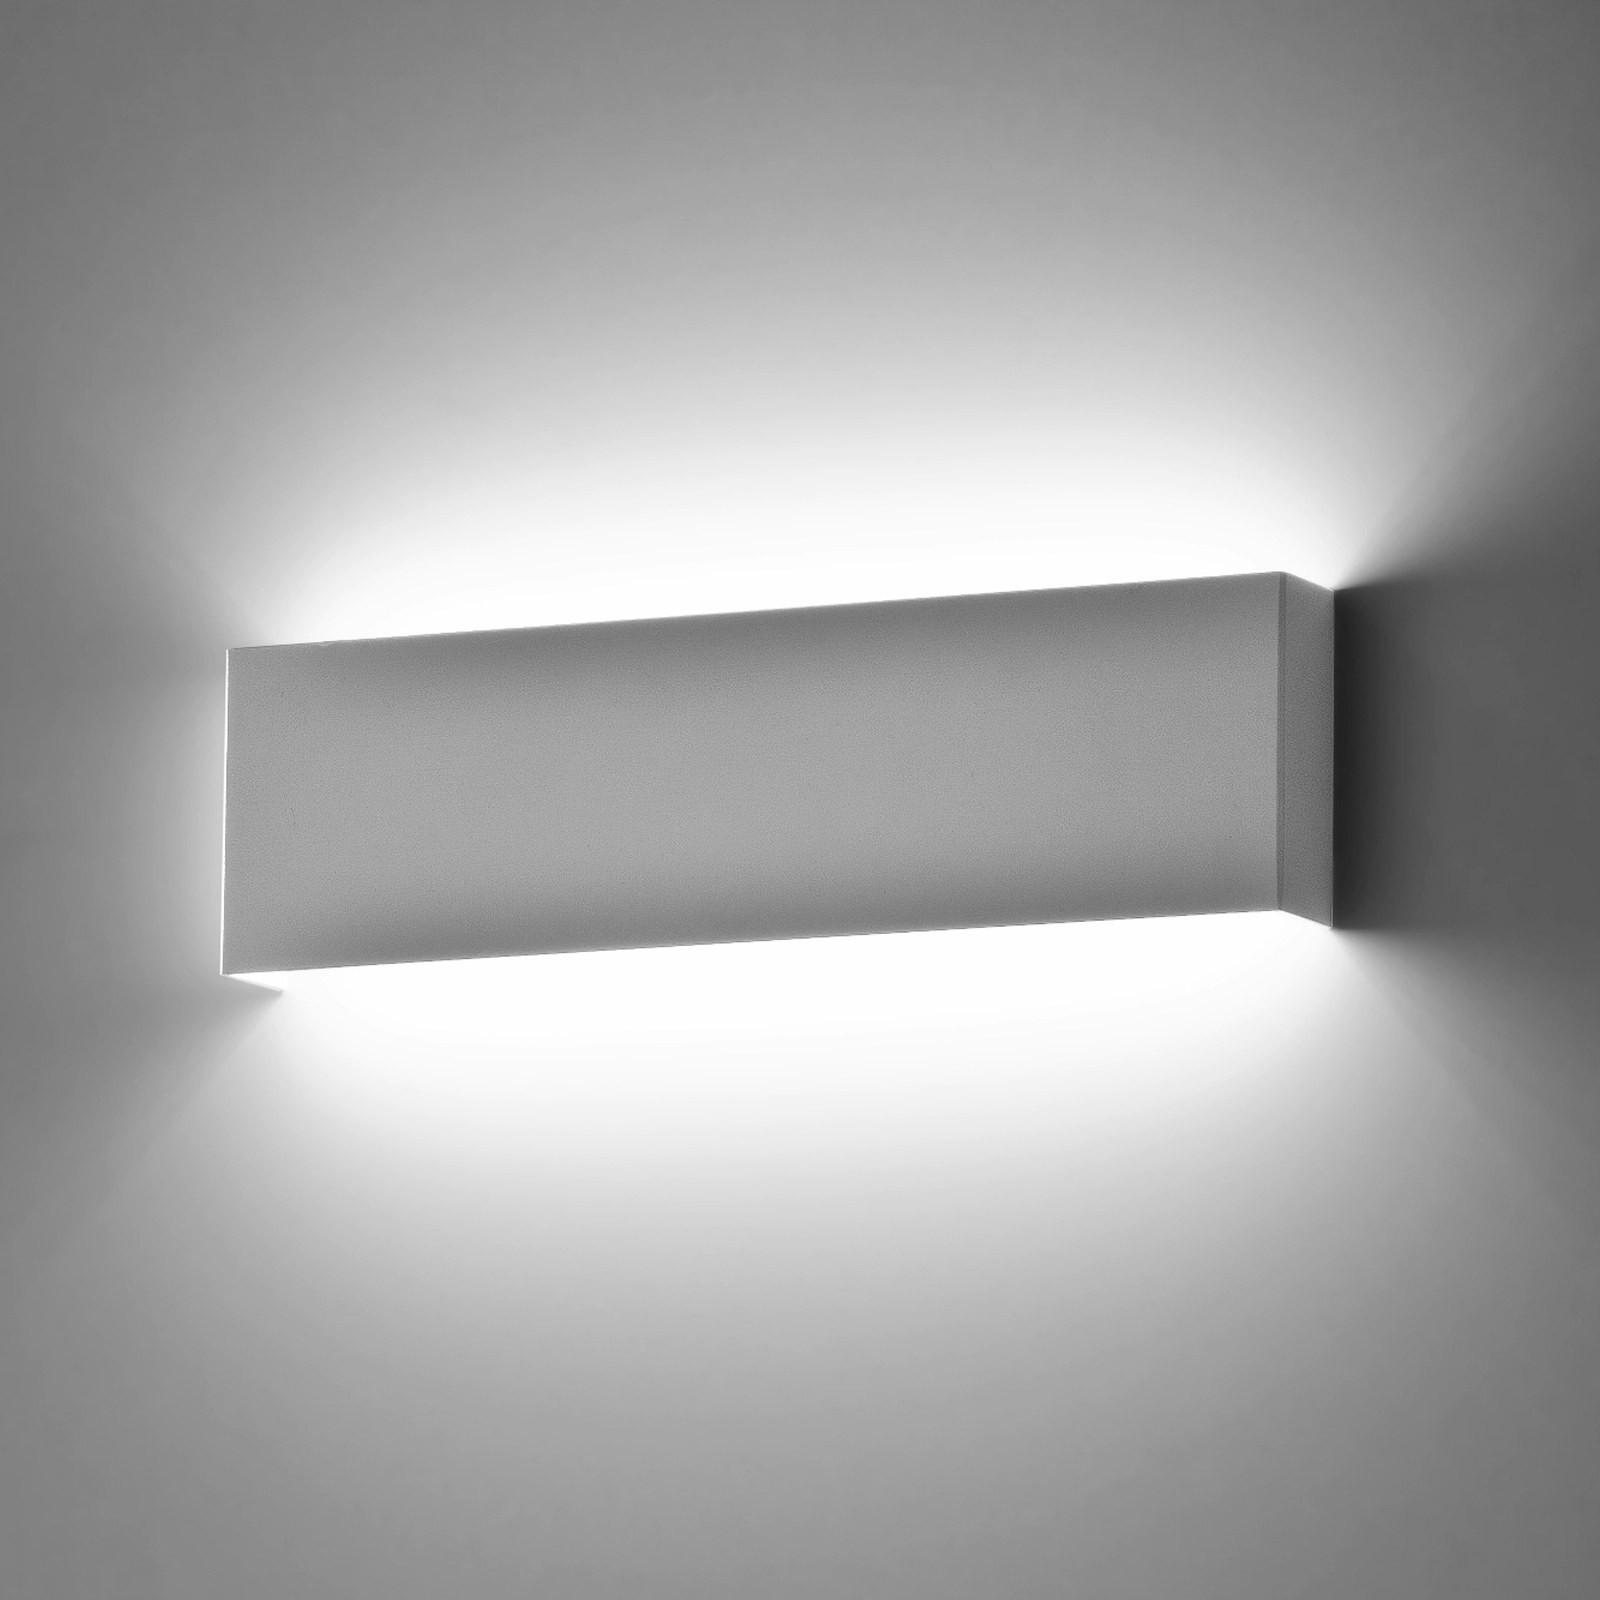 Plafoniera applique da parete muro lampada isyluce 901 moderno design bianco 18w - Specchio camera da letto leroy merlin ...